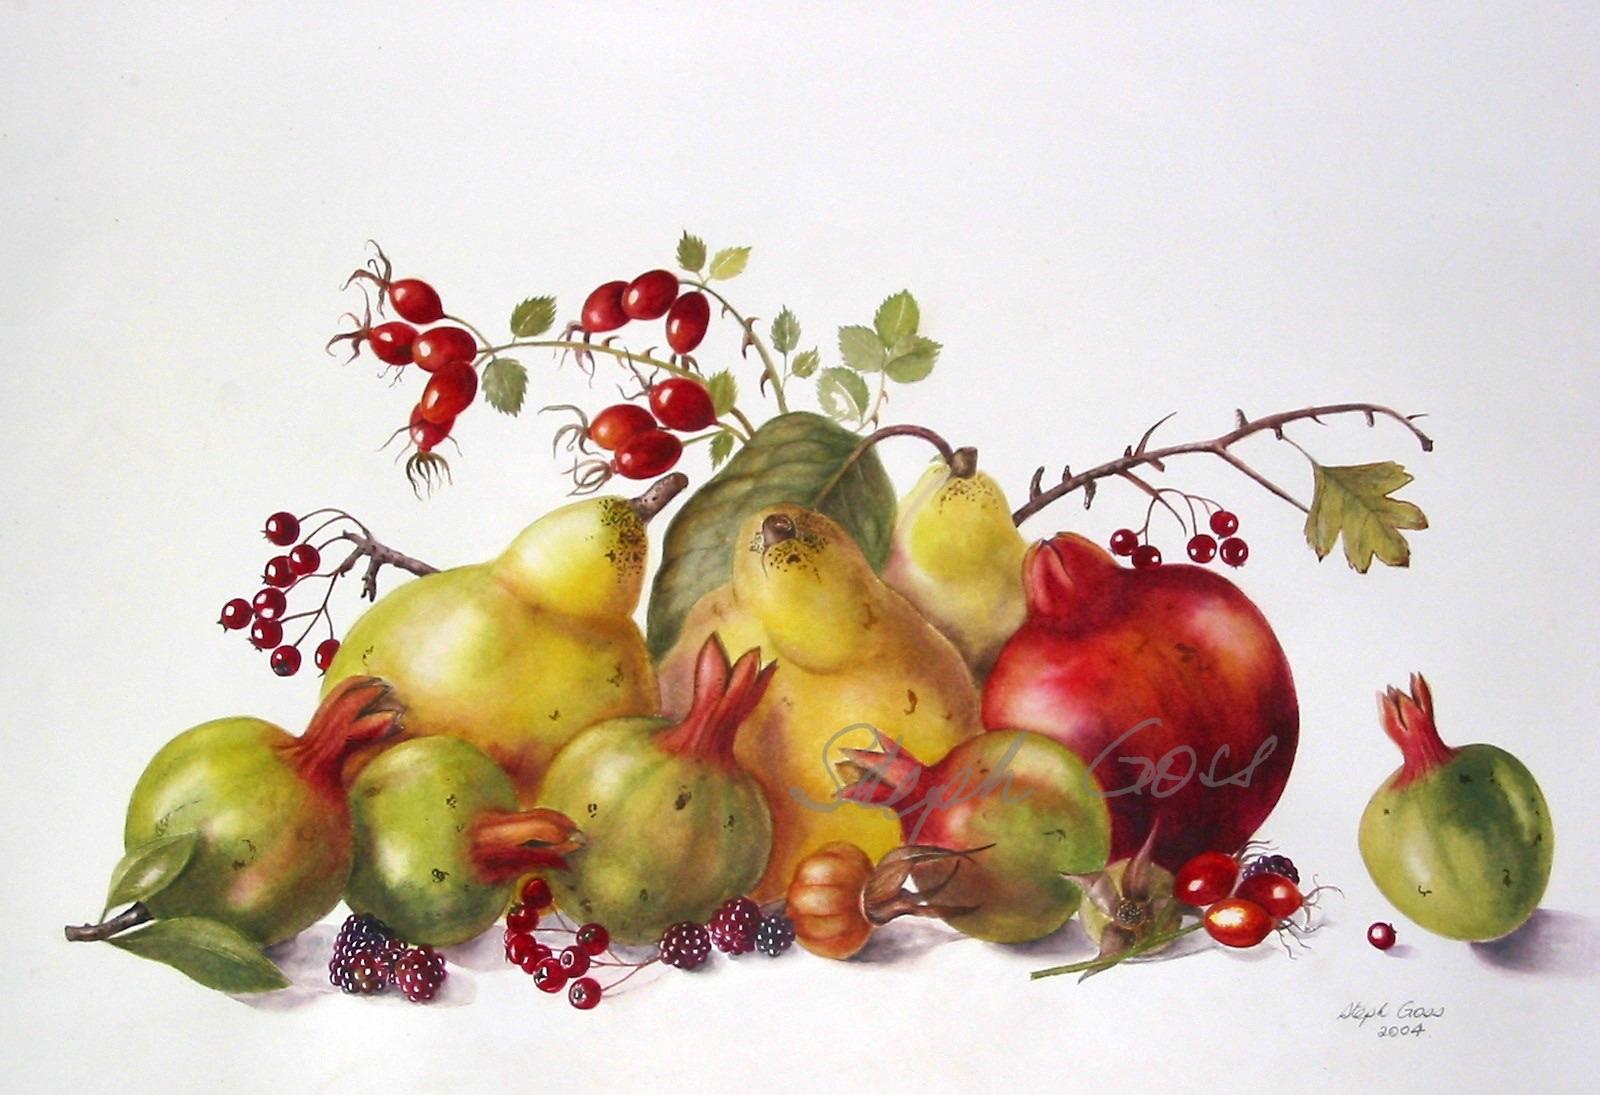 12. Fruits